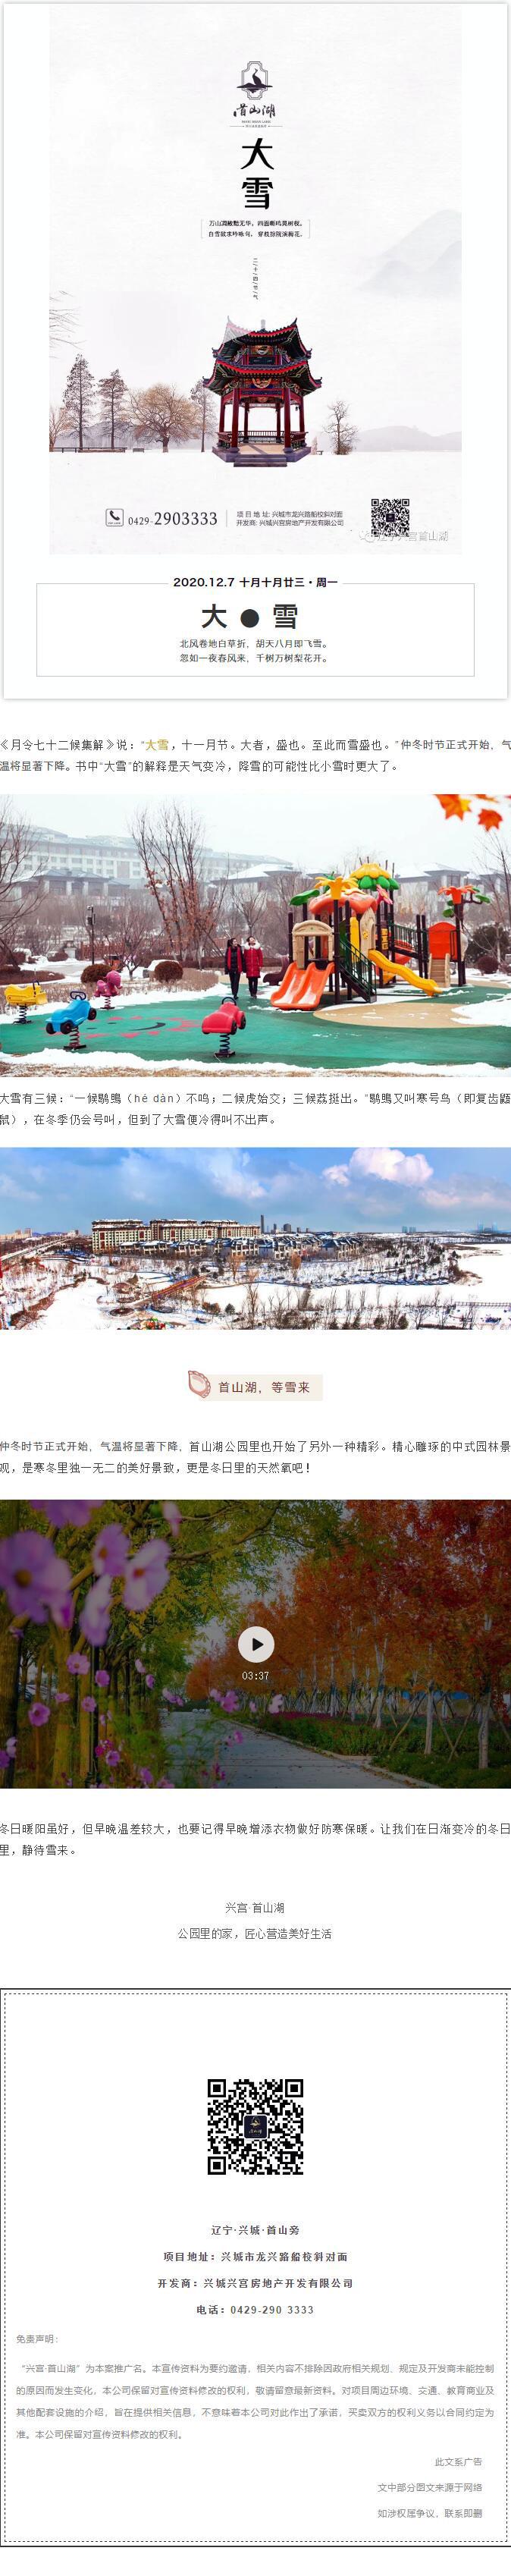 大雪 | 兴宫·首山湖